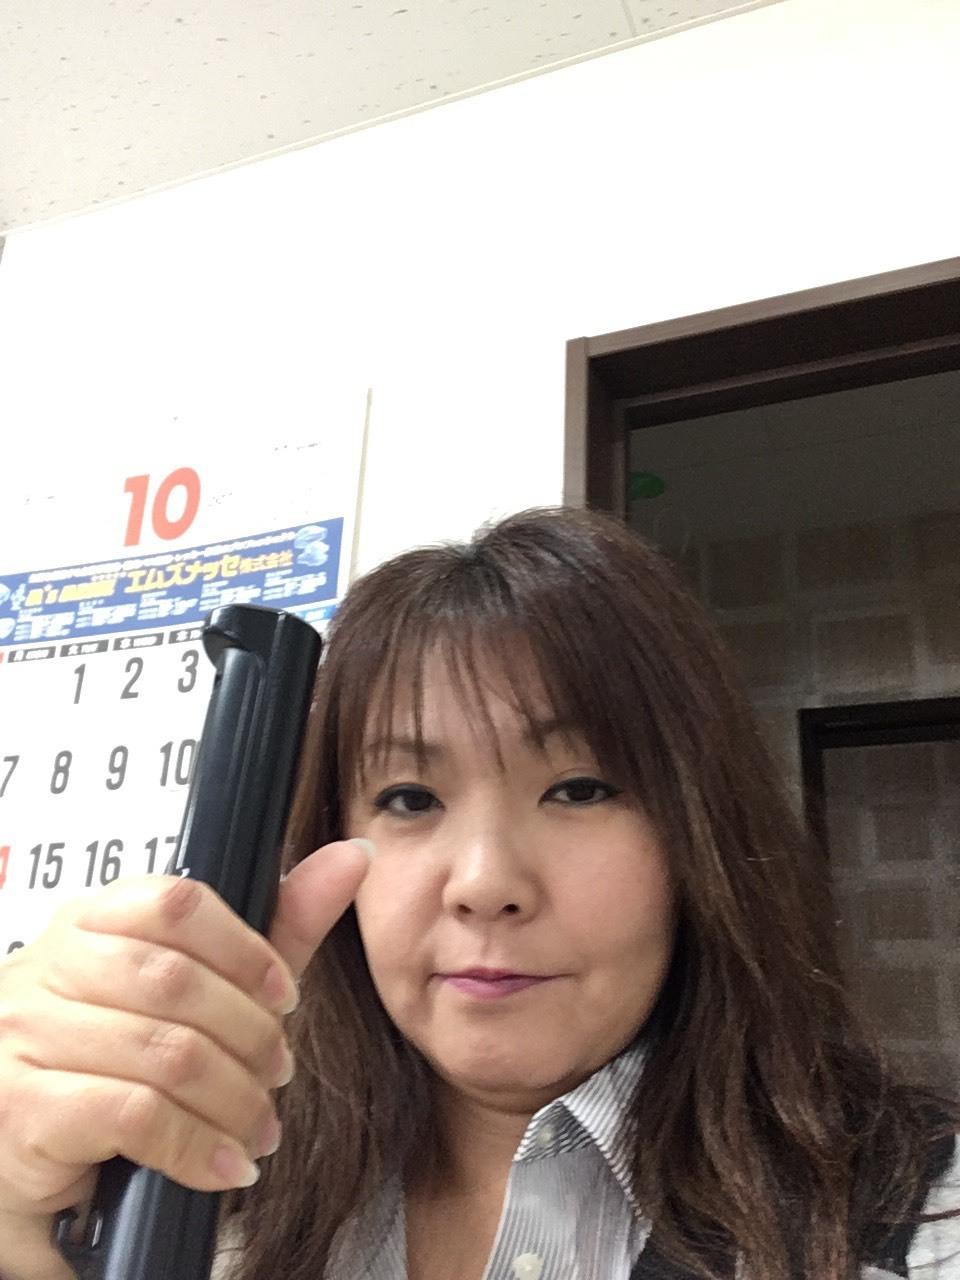 10月25日(金) アルファード入庫しました!!本店ブログ☆彡 ランクル ハマー アルファード♪ _b0127002_20015337.jpg